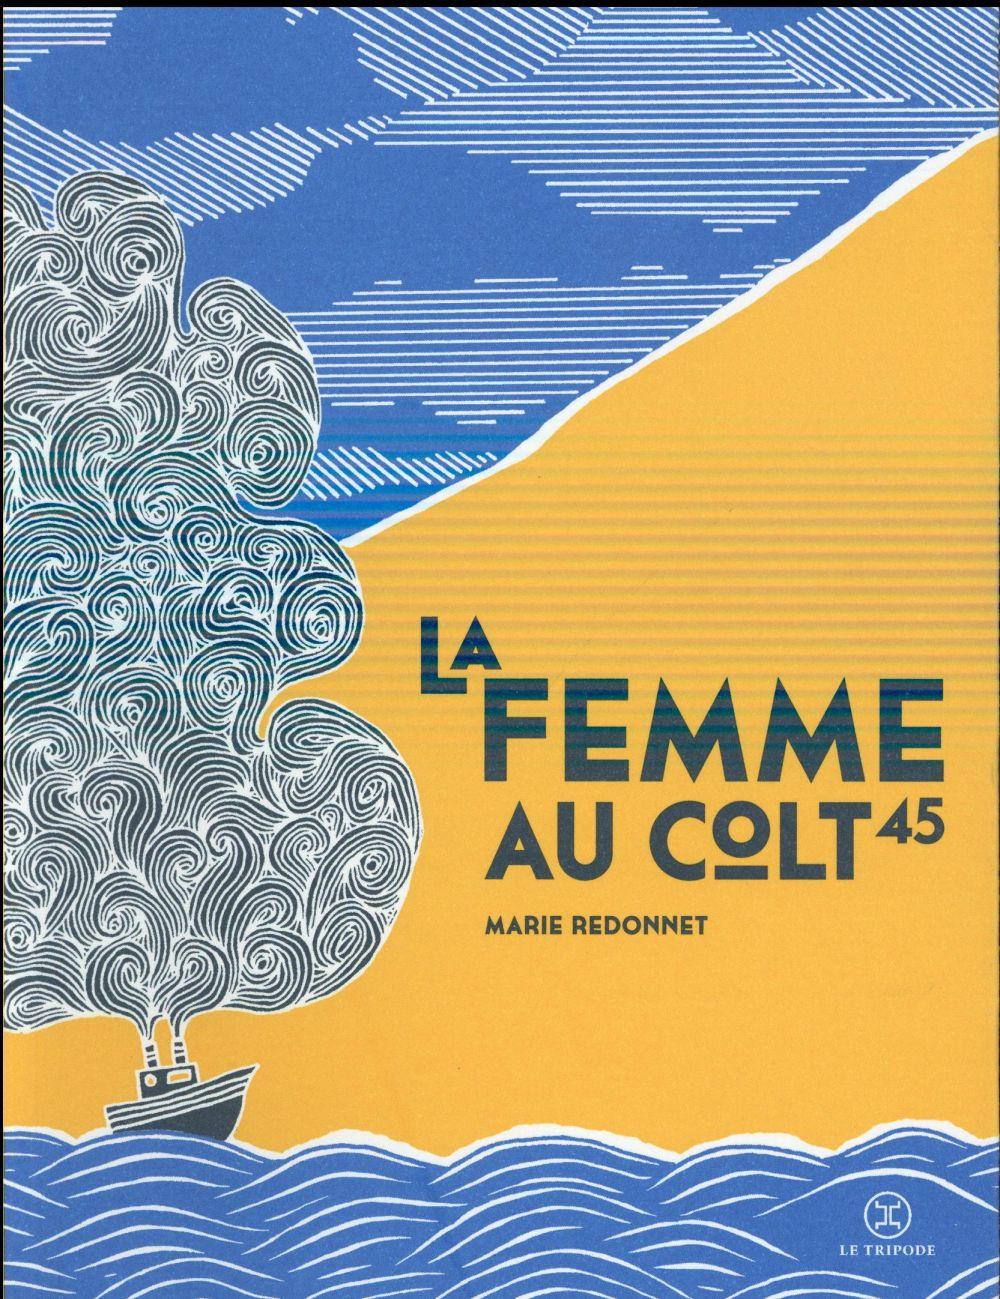 """[Chronique] #59 Club des Explorateurs : """"La femme au colt 45"""" de Marie Redonnet"""